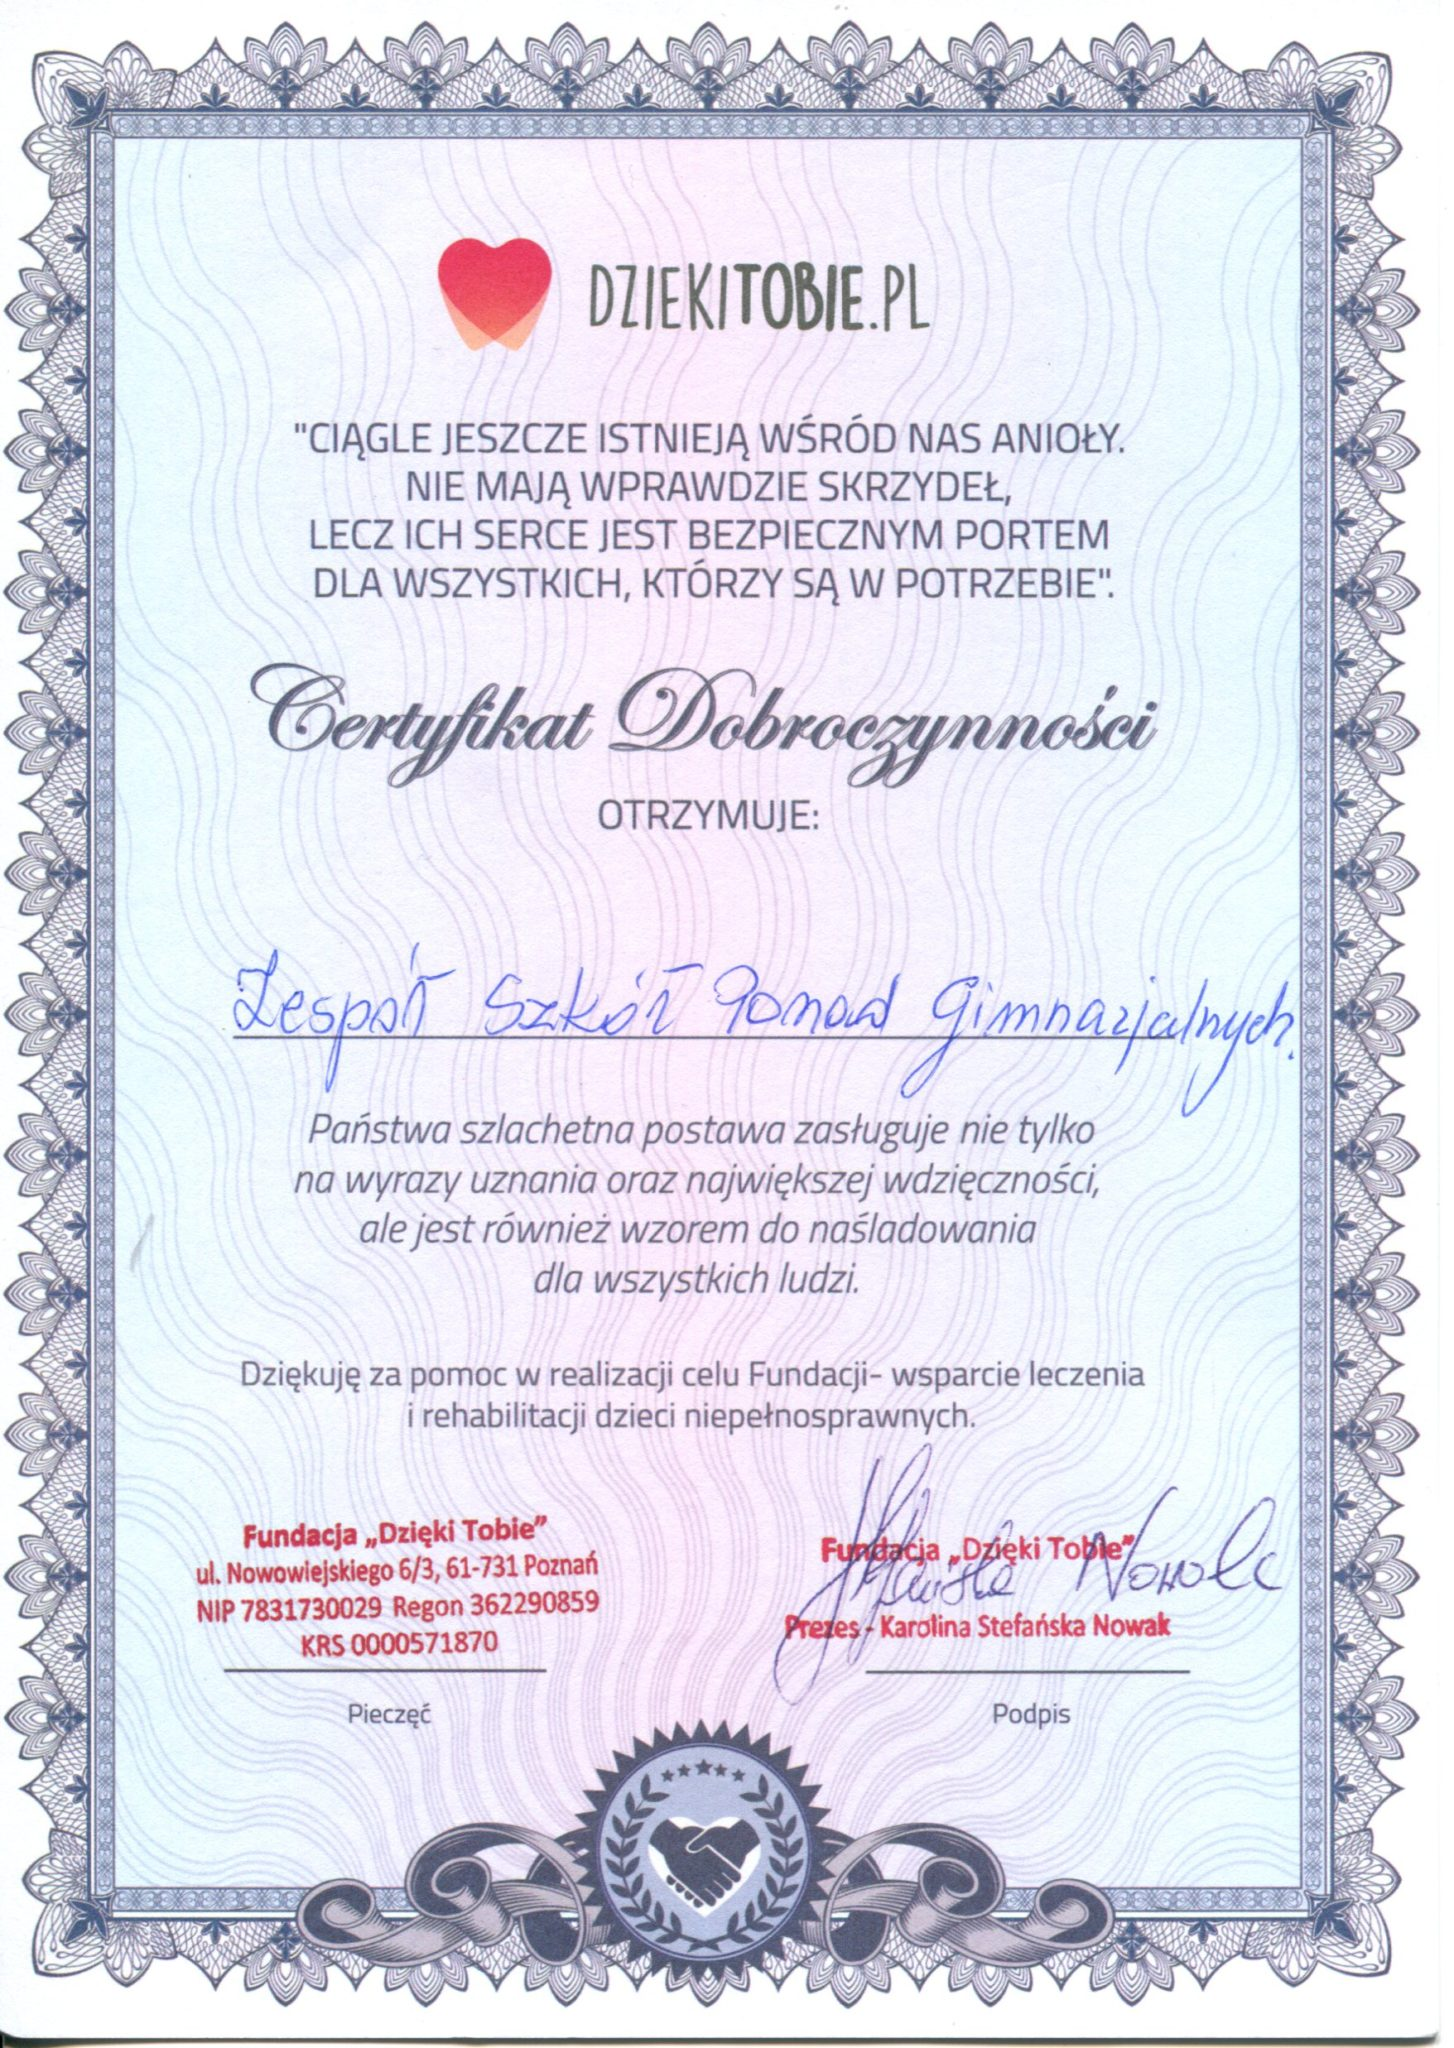 Certyfikat dobroczynności